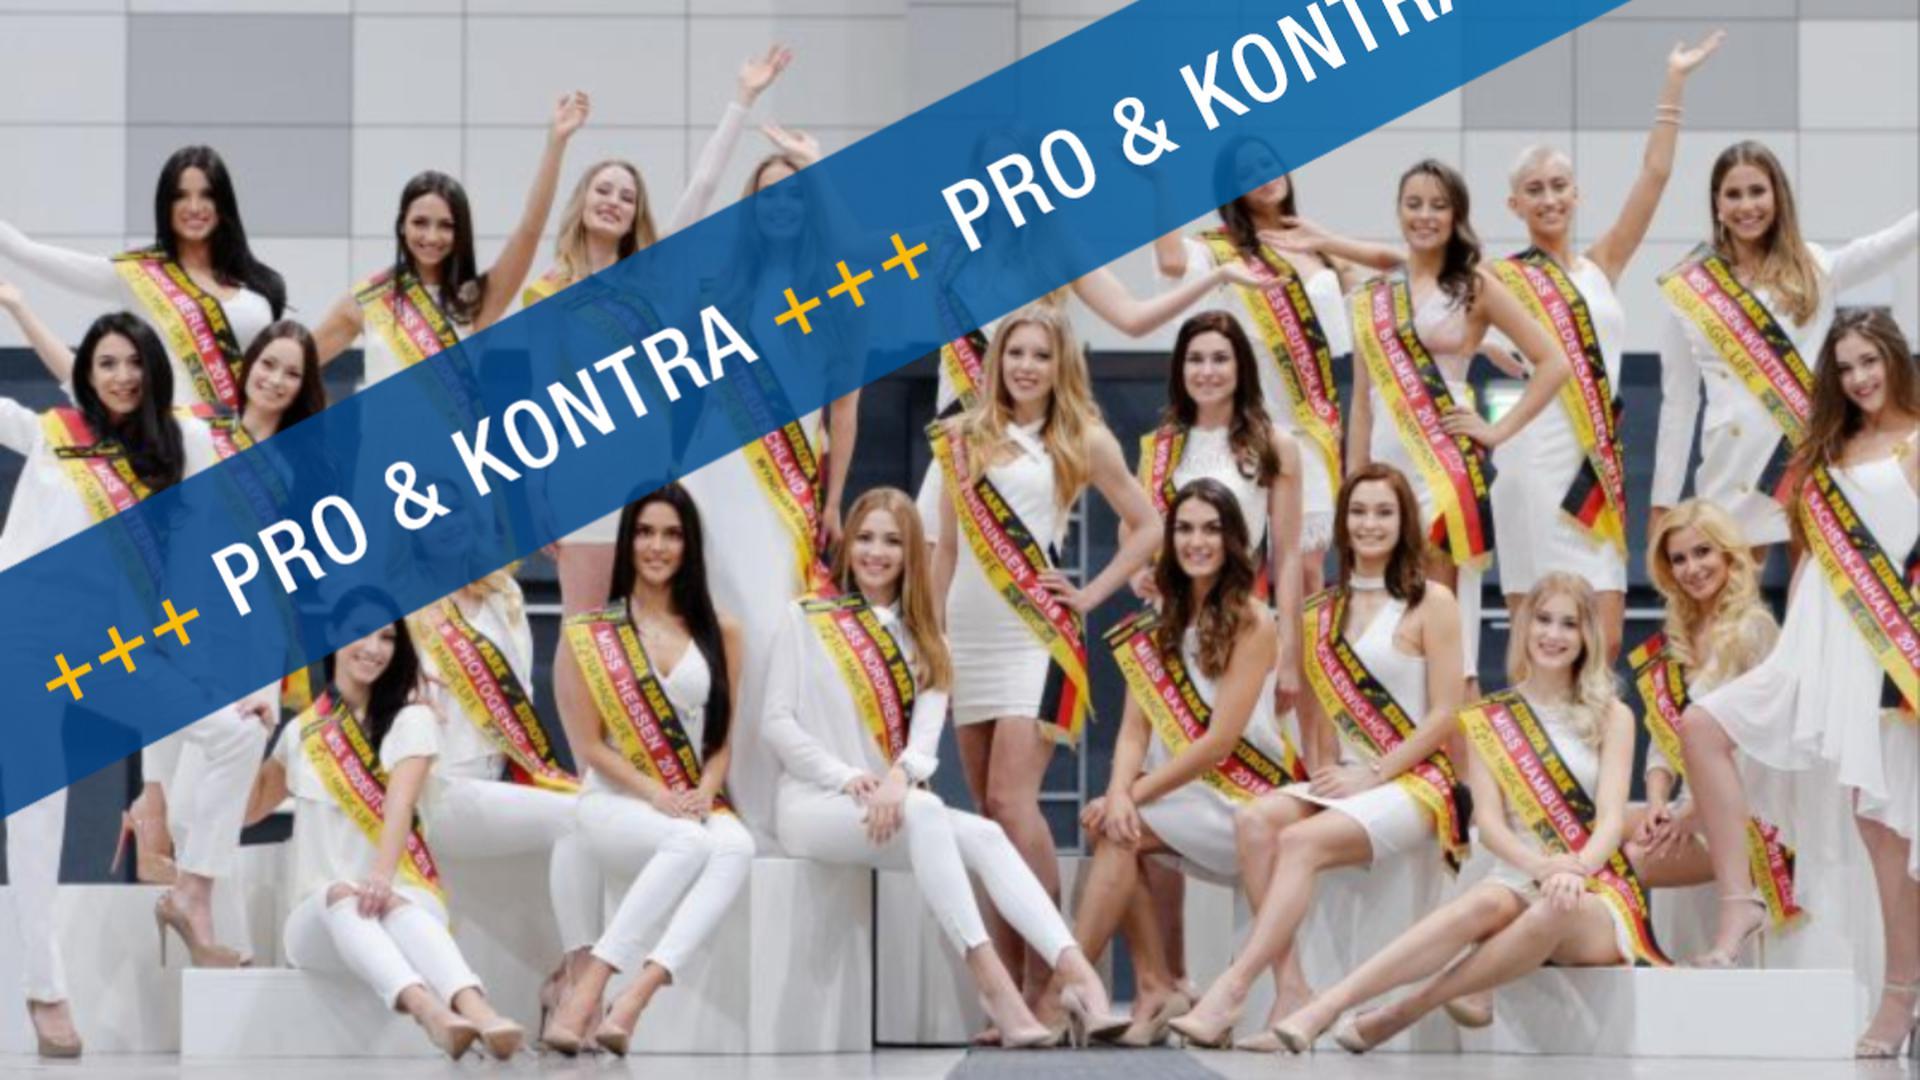 """An Kandidatinnen zur Wahl der """"Miss Germany"""" im Europa-Park herrschte auch 2018 kein Mangel. Aber sind Miss-Wahlen nicht eigentlich diskriminierend?"""